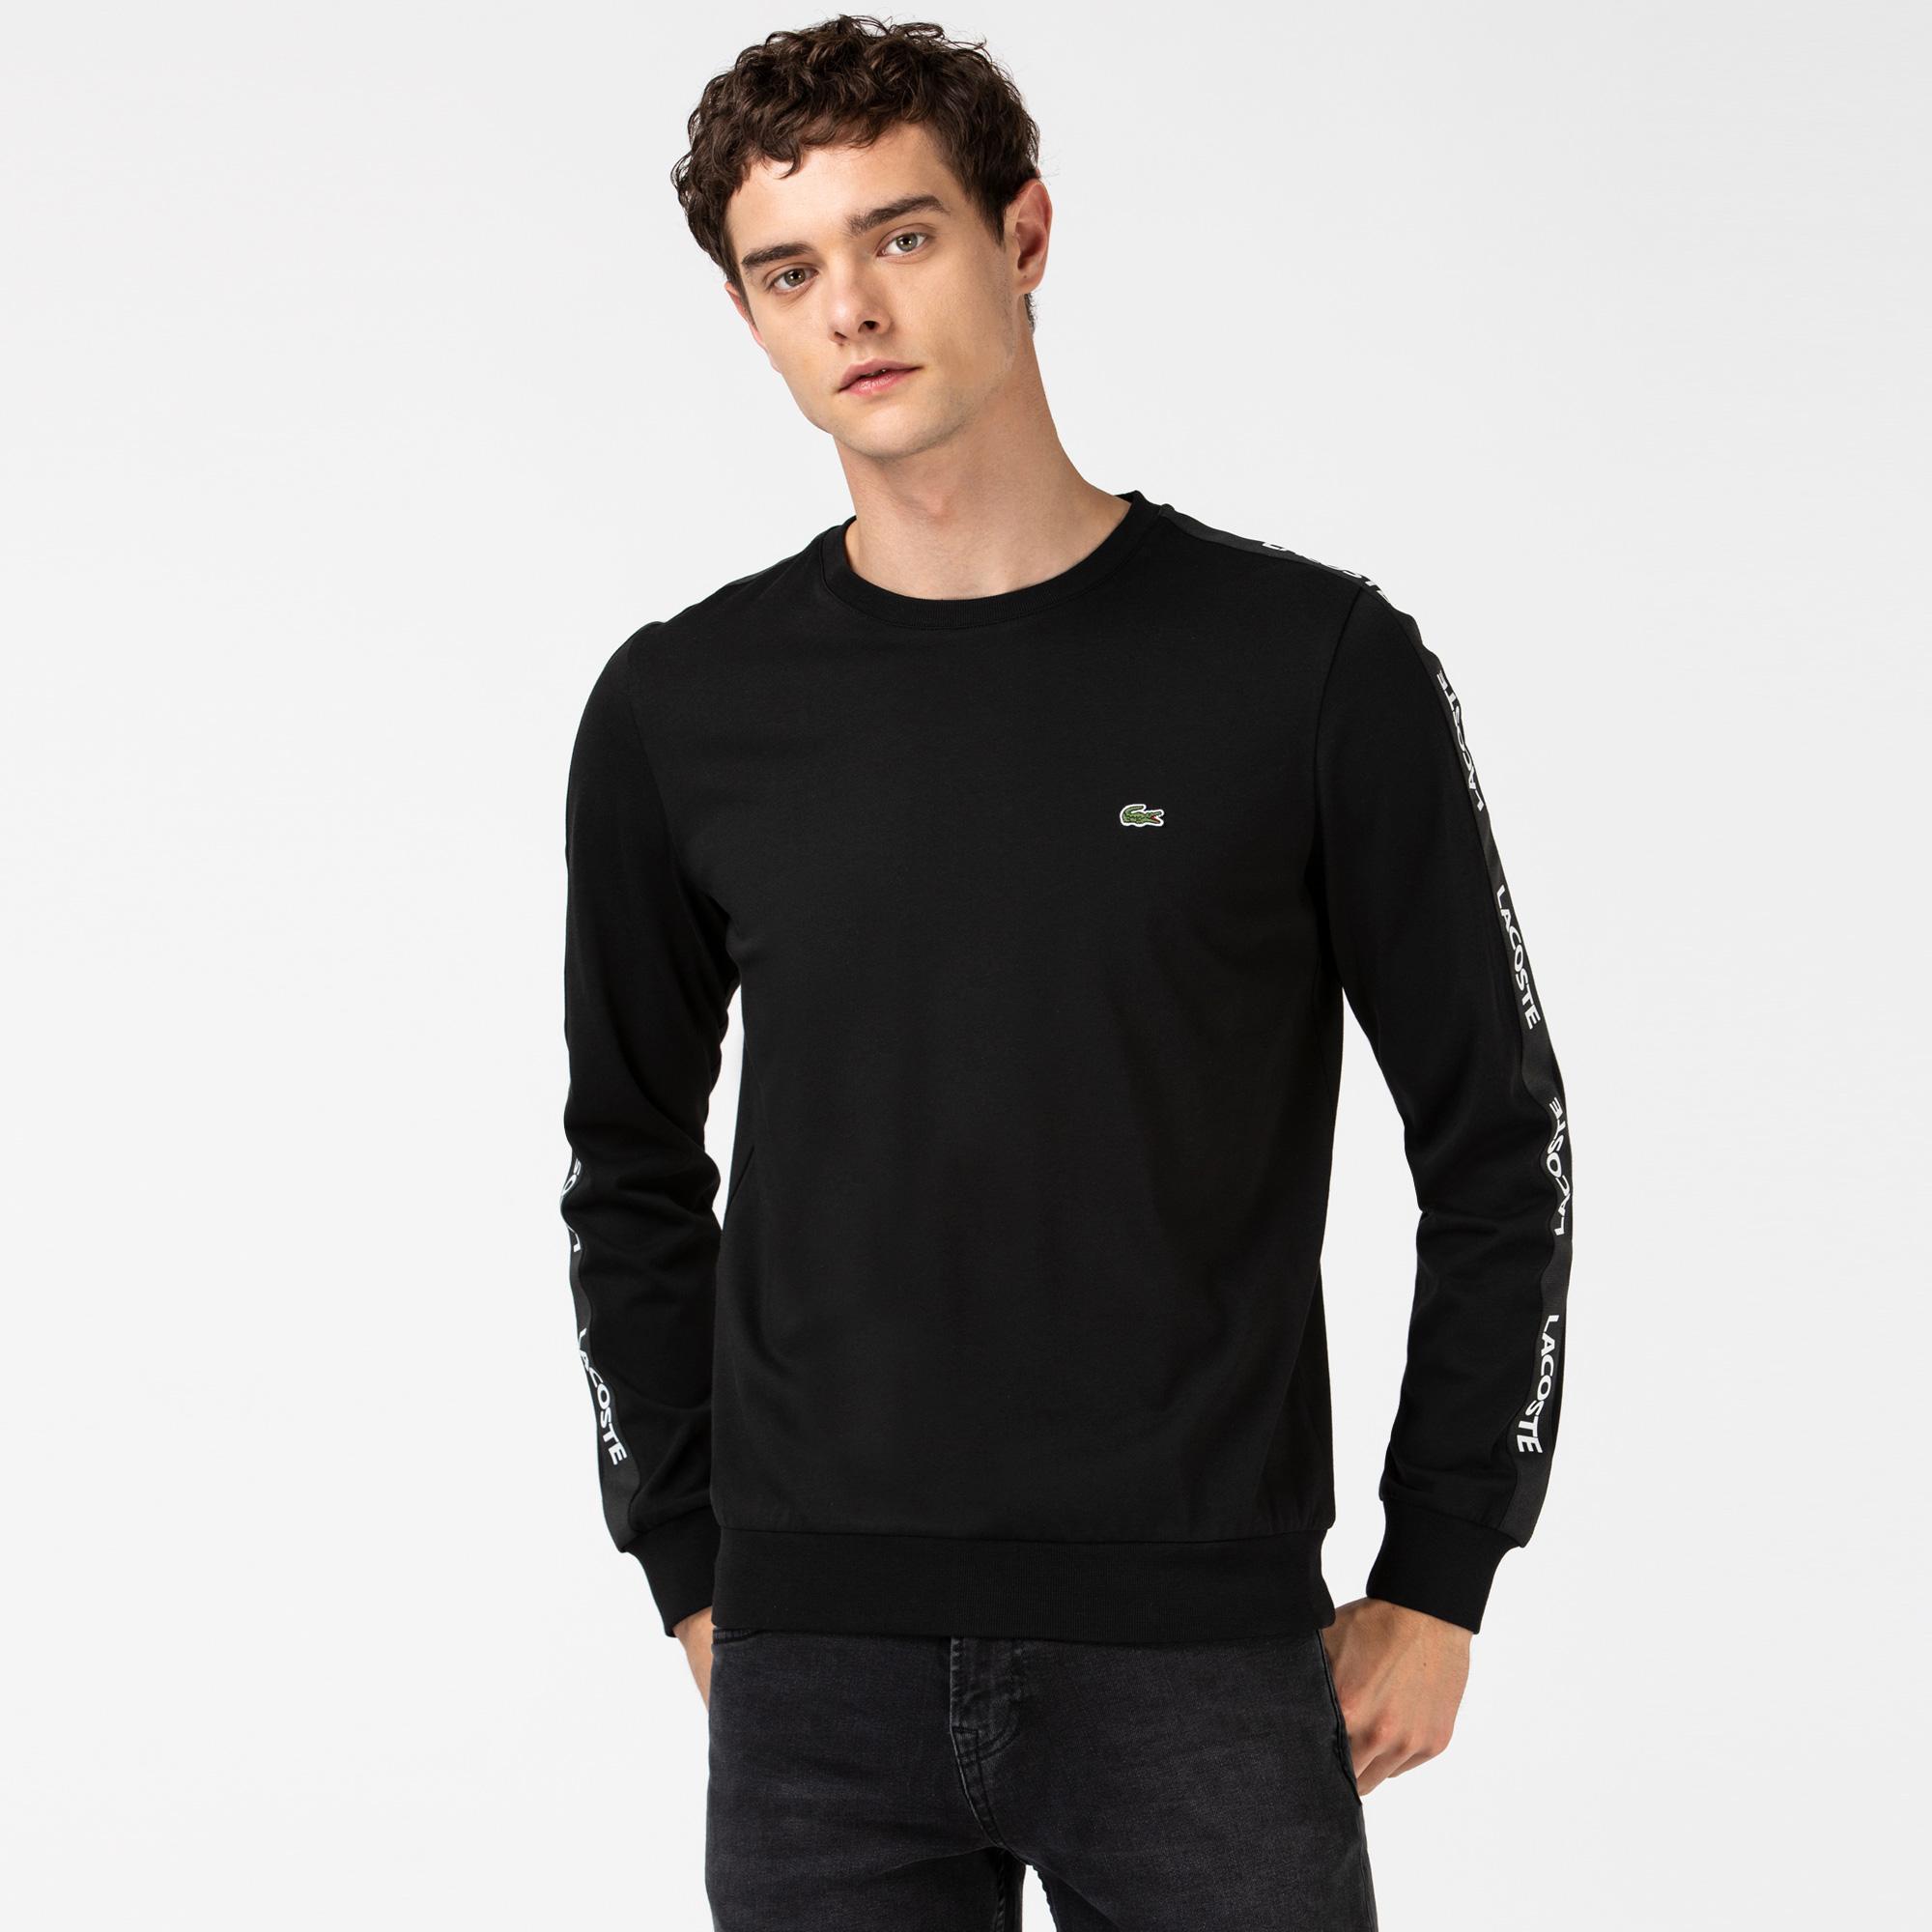 Lacoste Męski Czarny T-shirt z Długim Rękawem i Nadrukiem